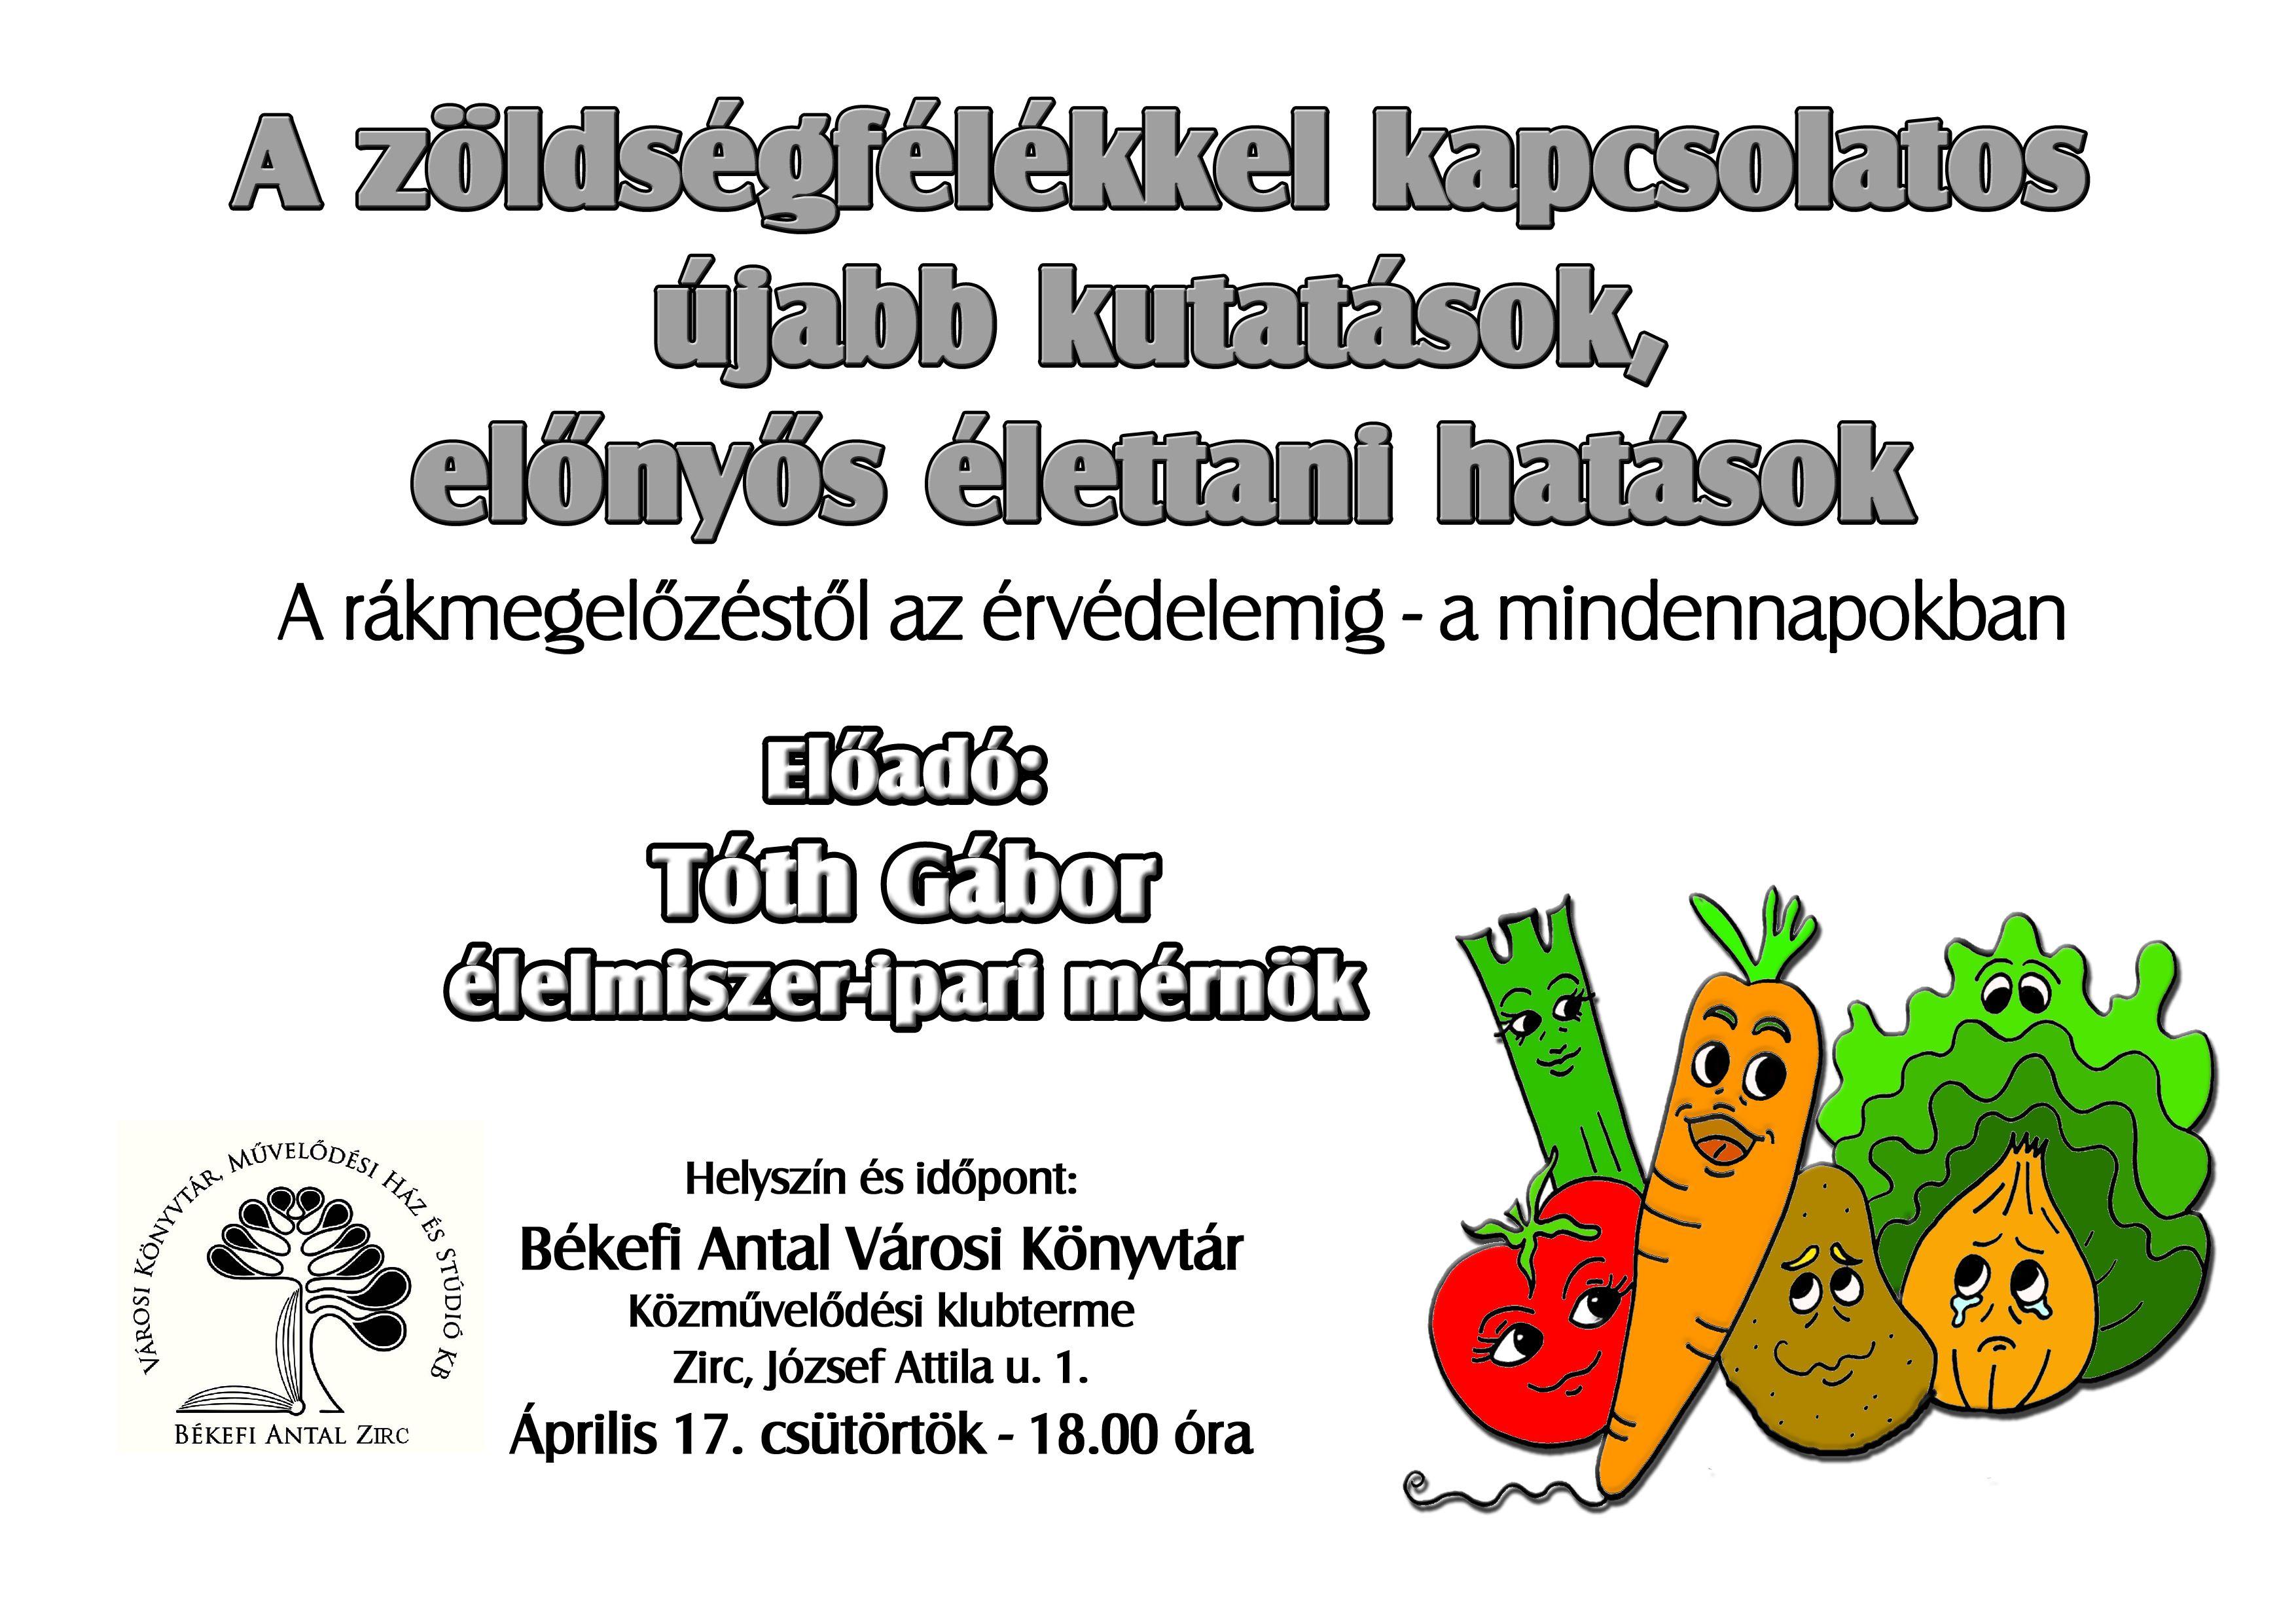 Zöldségfélékkel... - Tóth Gábor előadása.jpg